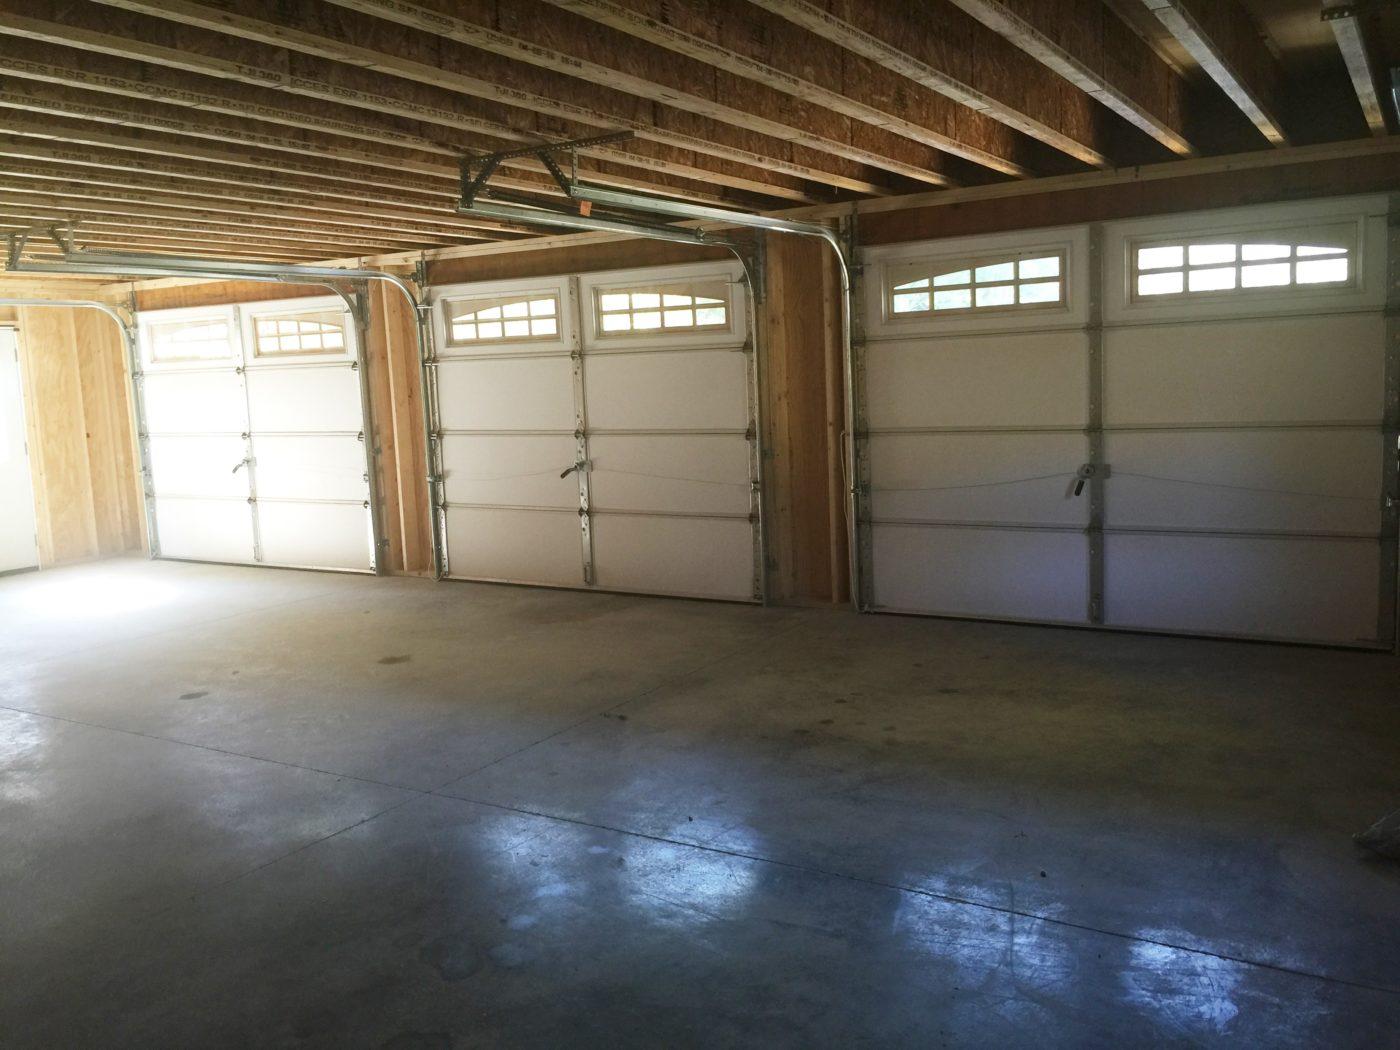 24x36 3 car garage inside 1400x1050